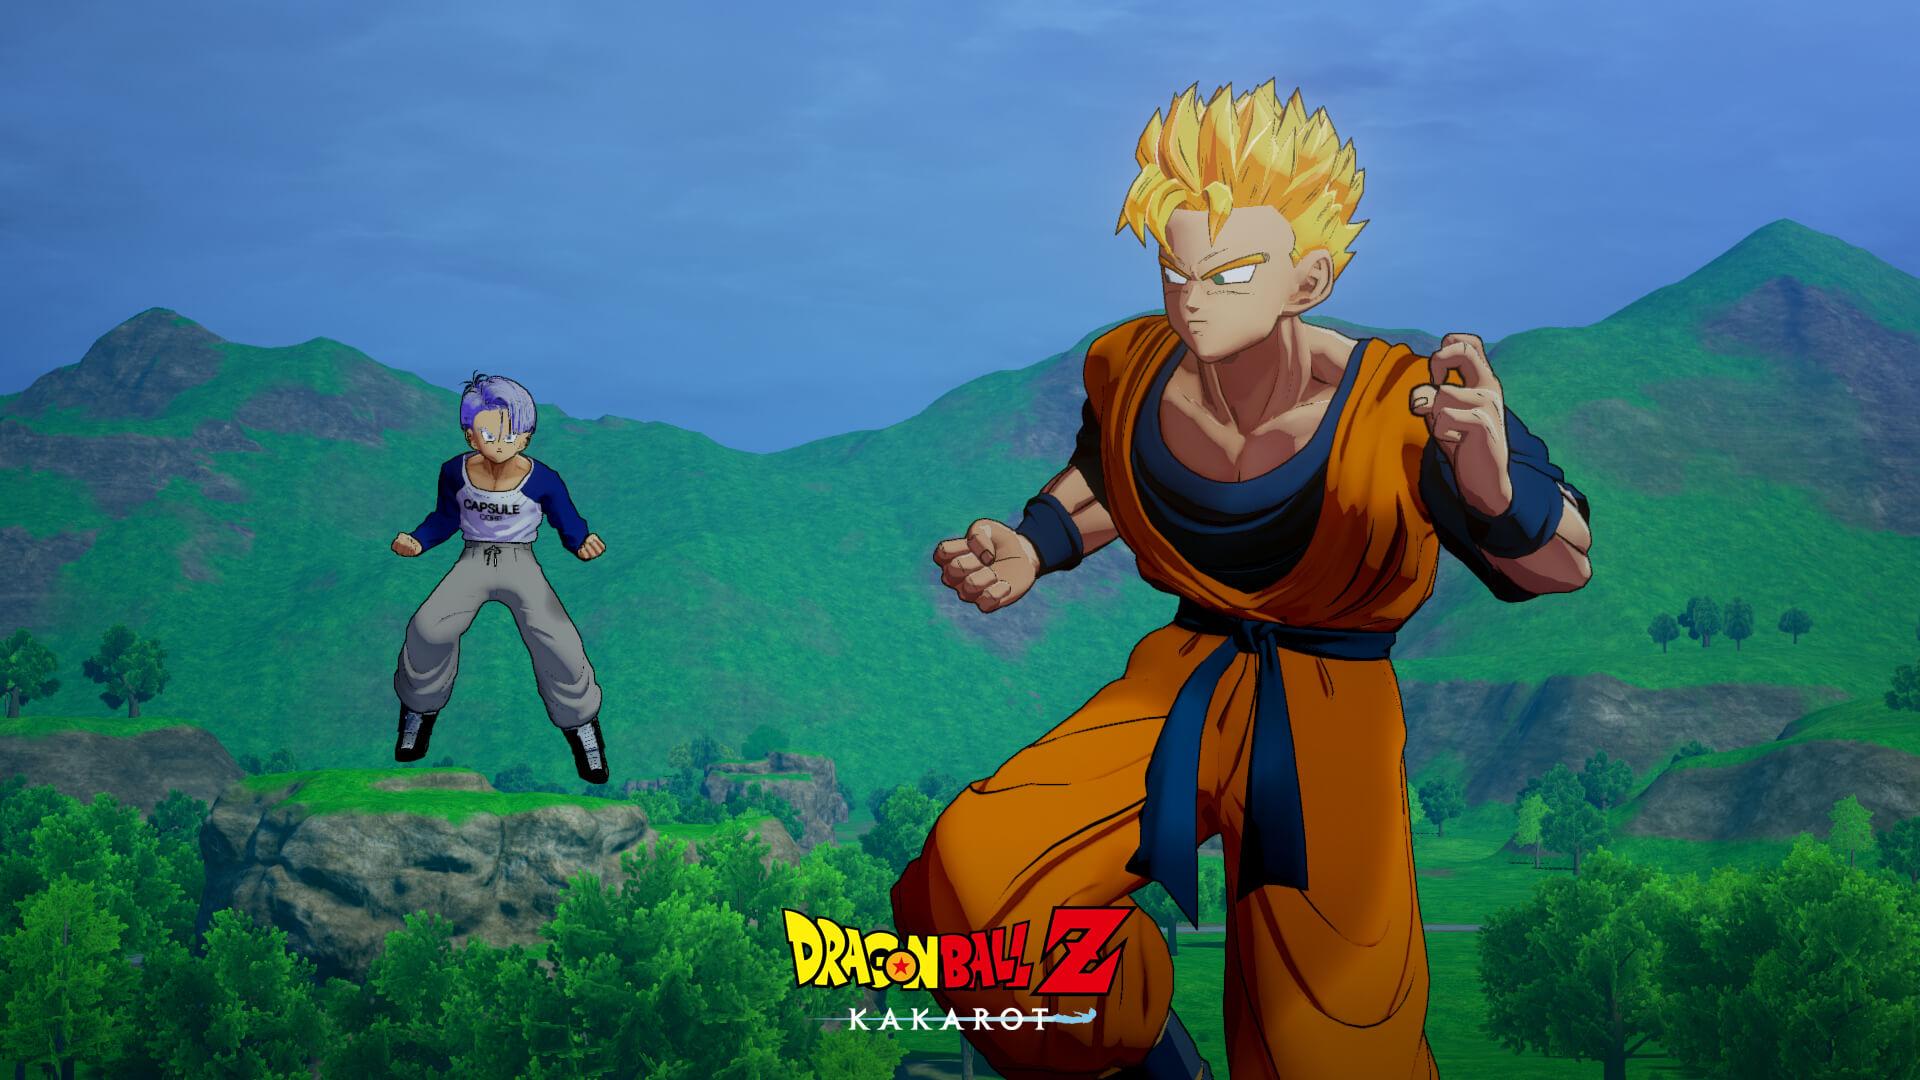 Dragon Ball Z Kakarot anuncia la fecha de llegada del DLC de Trunks; con gameplay incluido